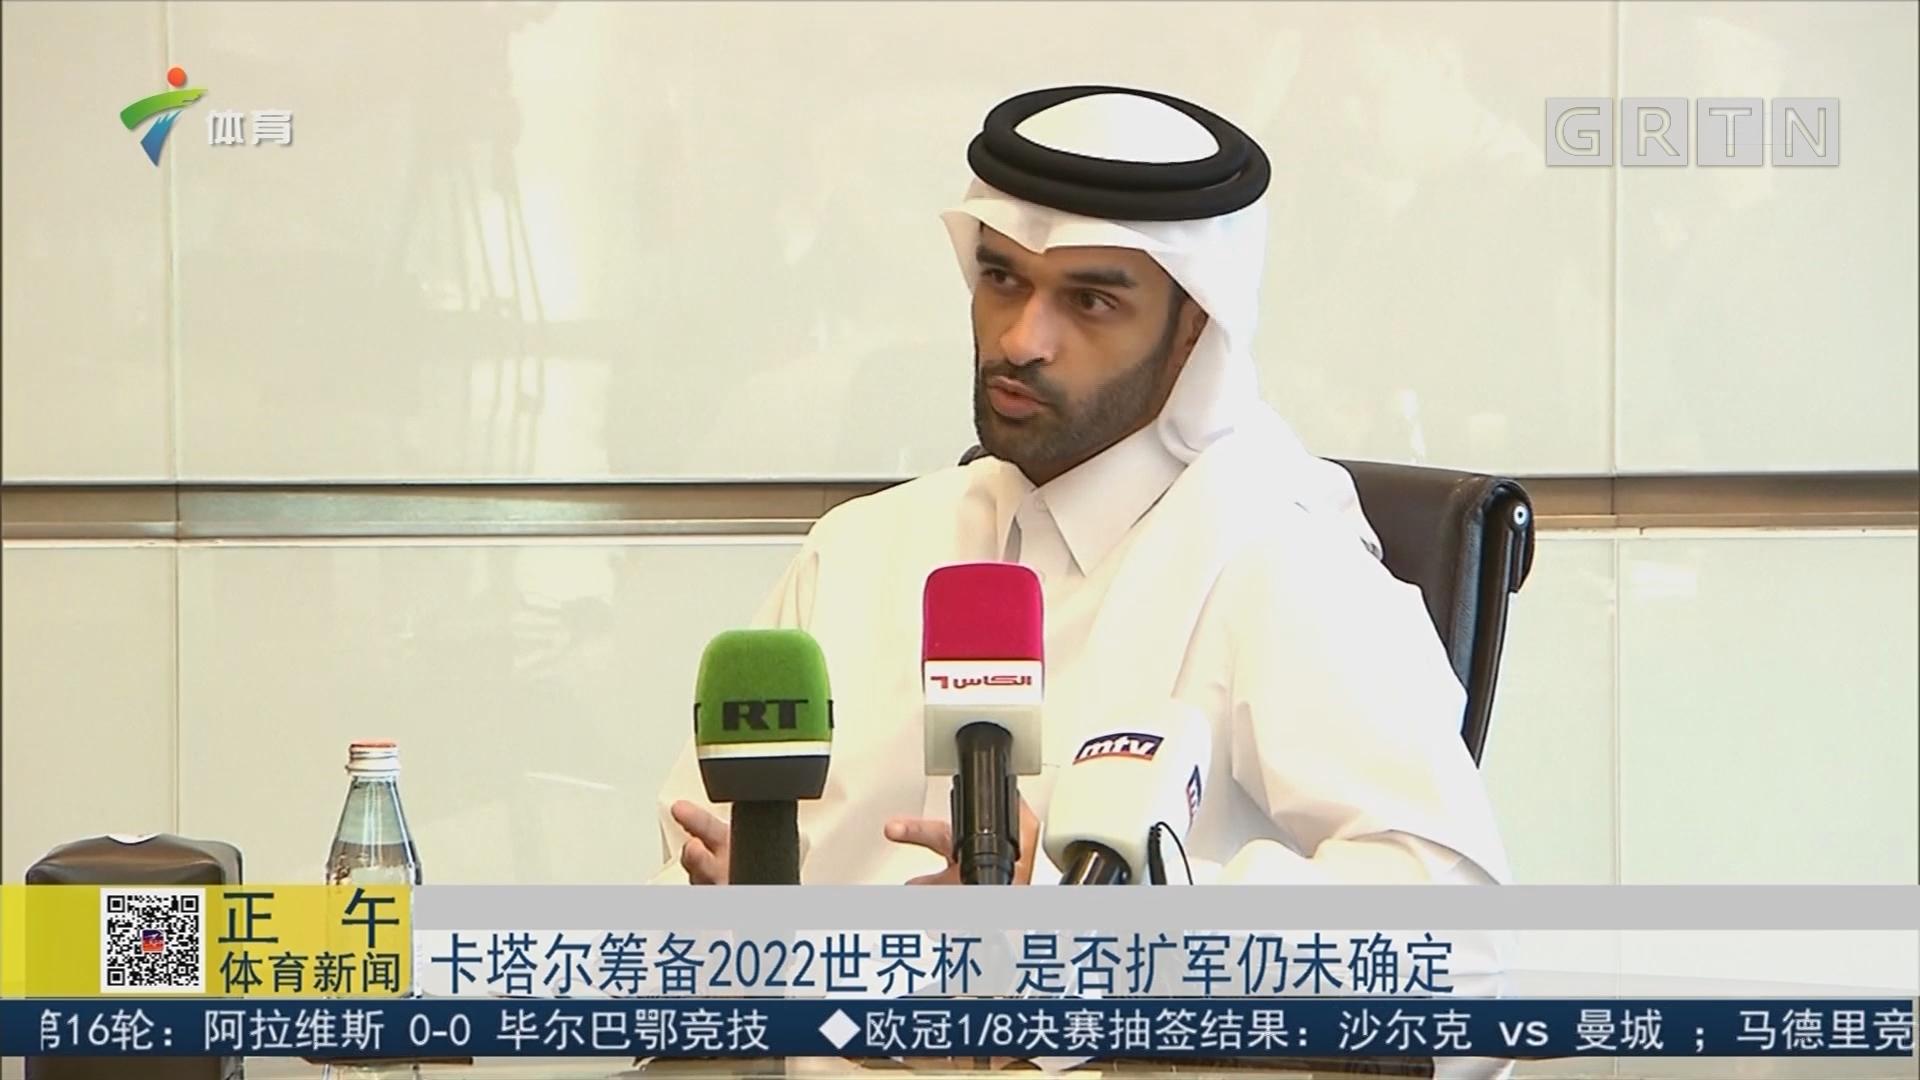 卡塔尔筹备2022世界杯 是否扩军仍未确定